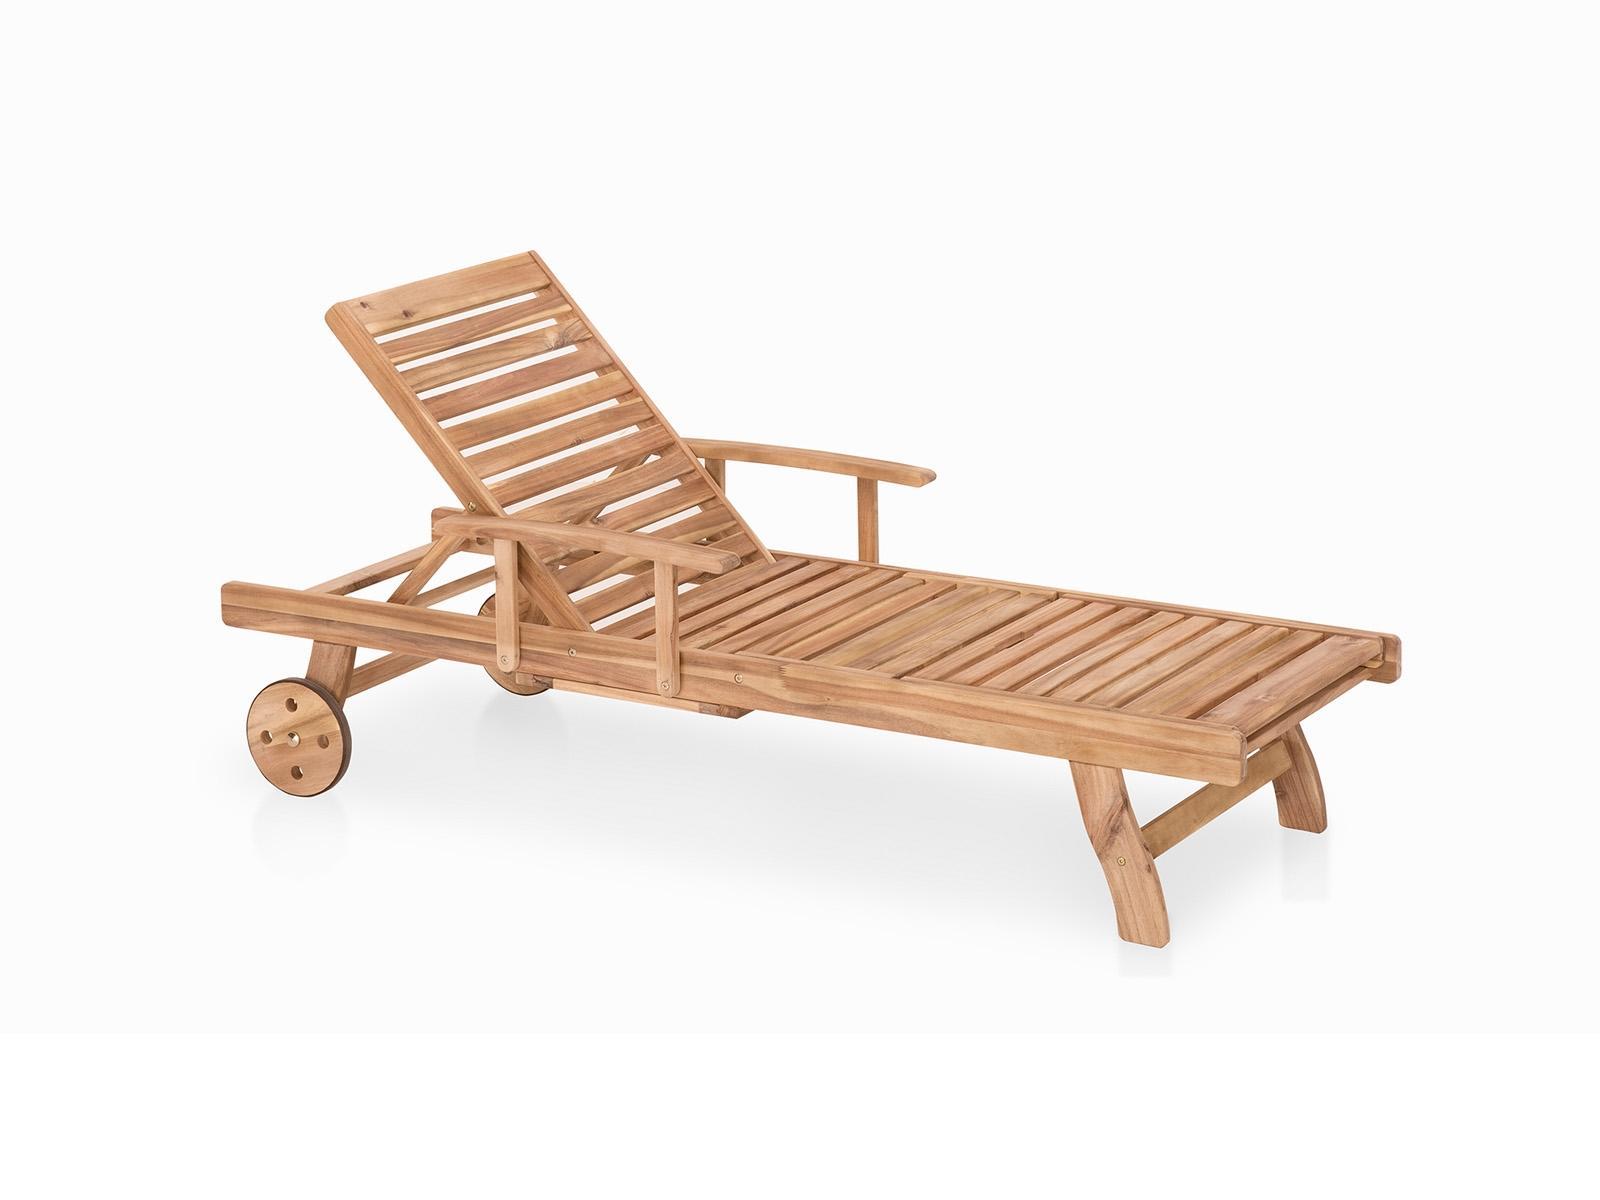 Meubles en bois teck chaise longue de jardin beliani for Chaise longue de jardin teck